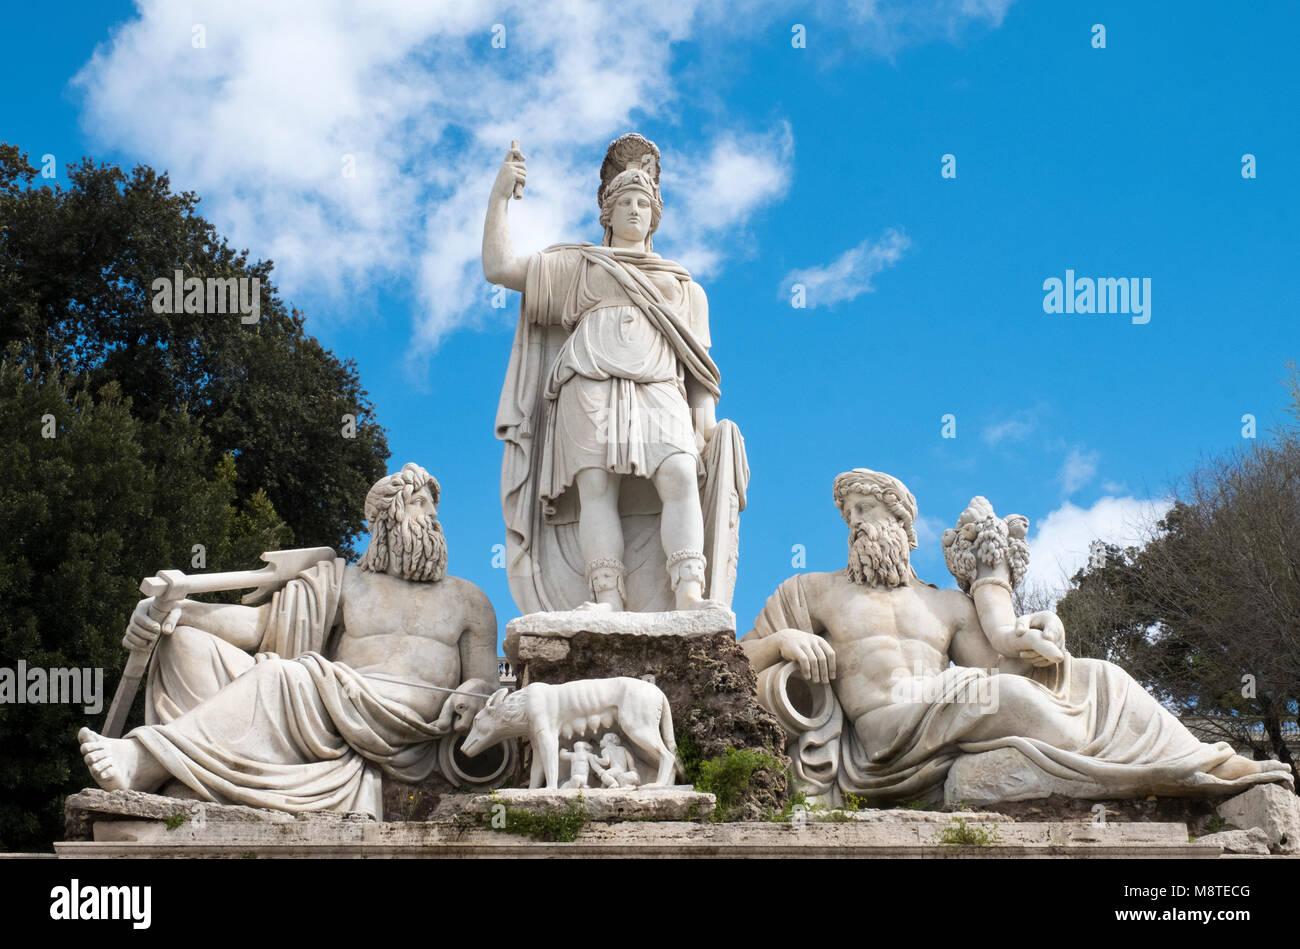 """La scultura chiamato """"Fontana della dea di Roma"""" in Piazza del Popolo a Roma Italia. Immagini Stock"""